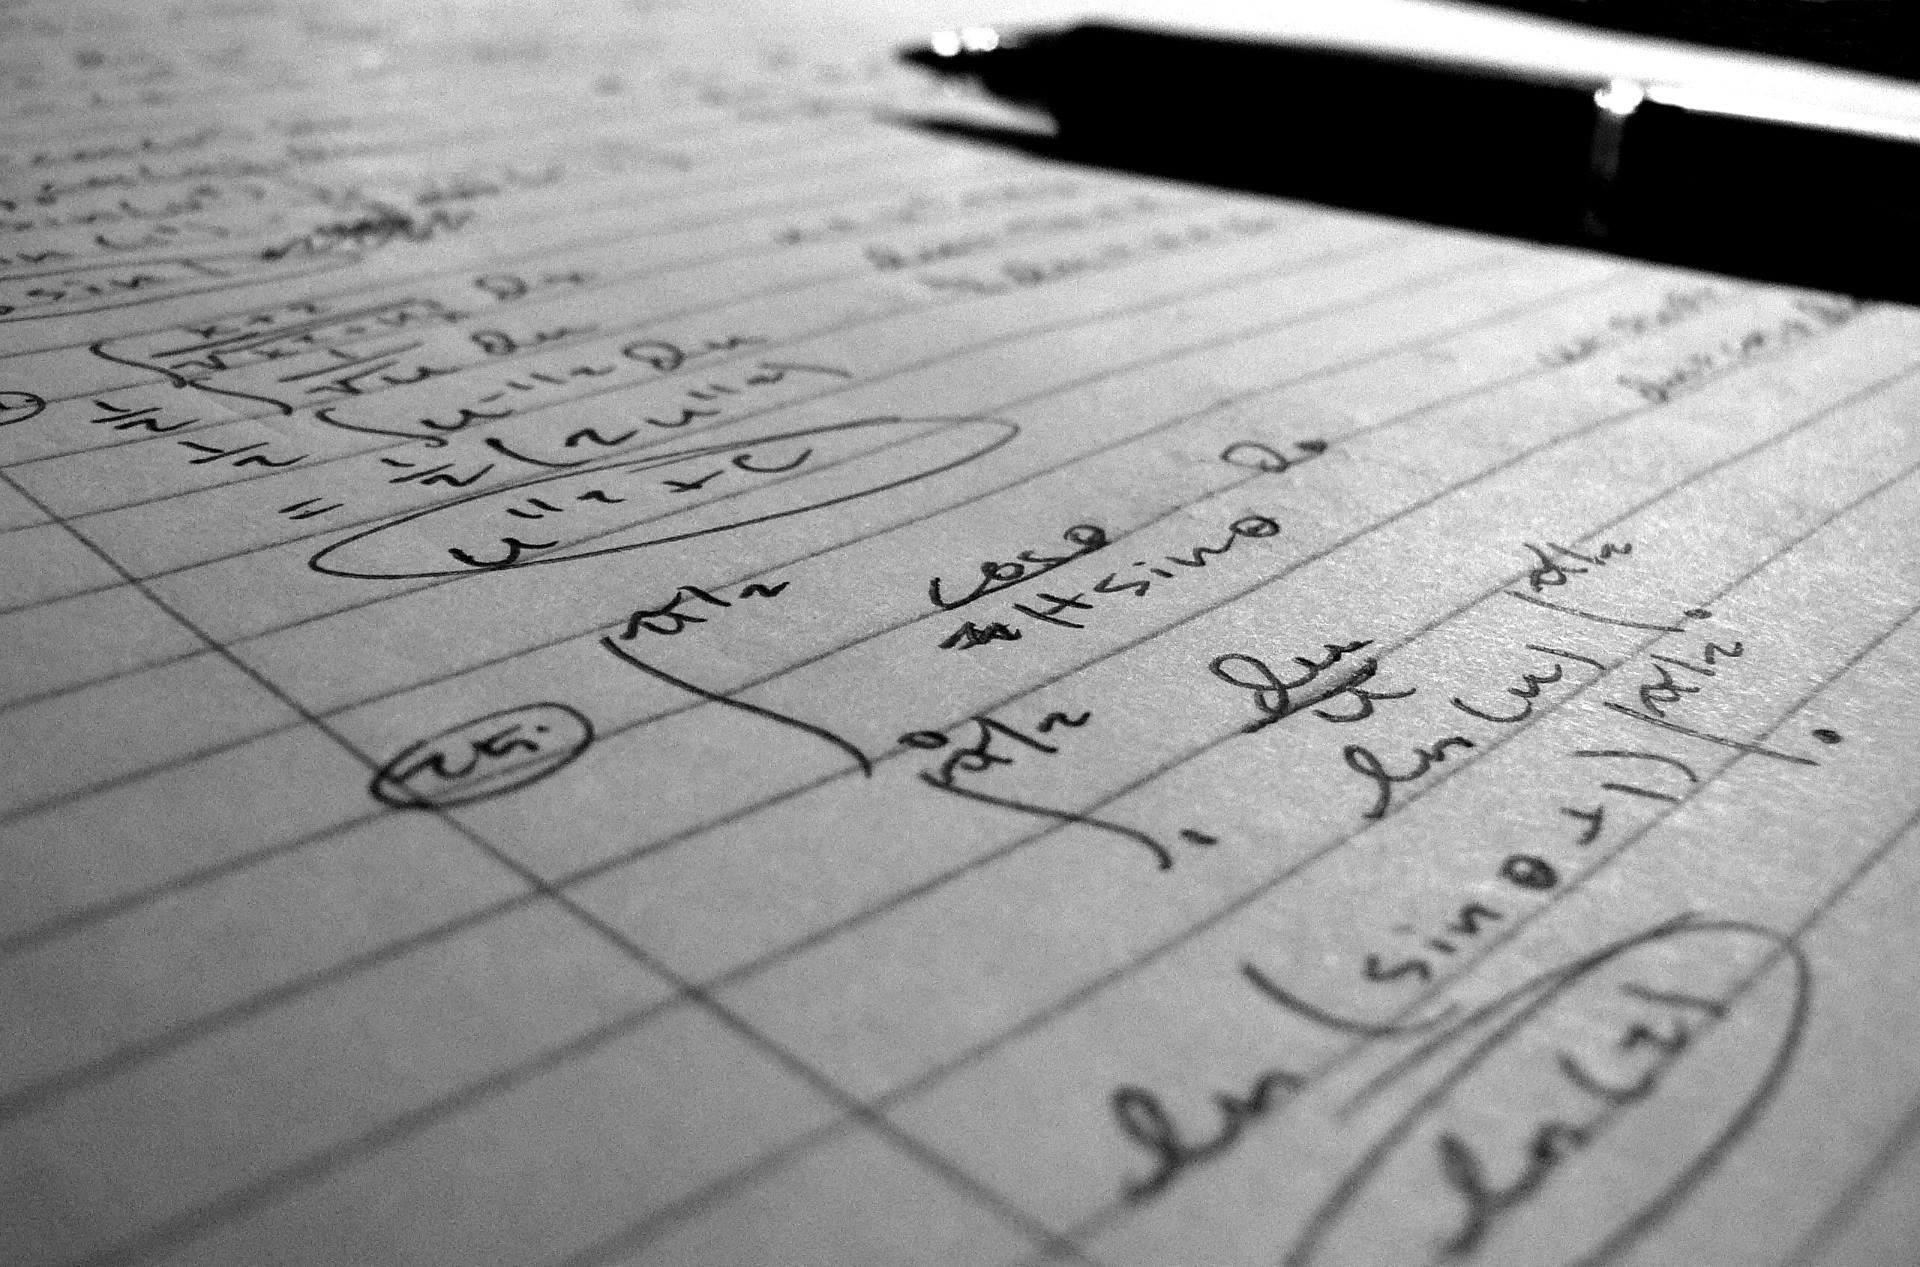 Hospodářské noviny: Výuka matematiky se musí změnit, aby byla zábavná. Nikdo ale neví, jak to udělat